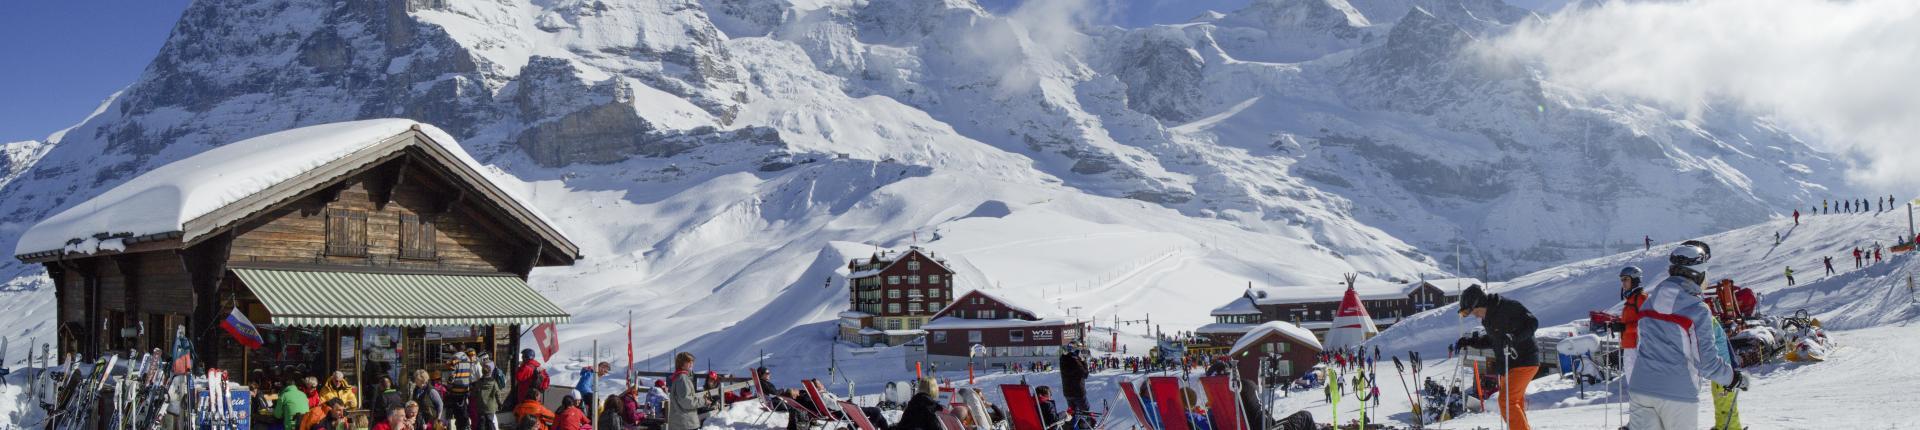 אתר הסקי בגרינדלוולד